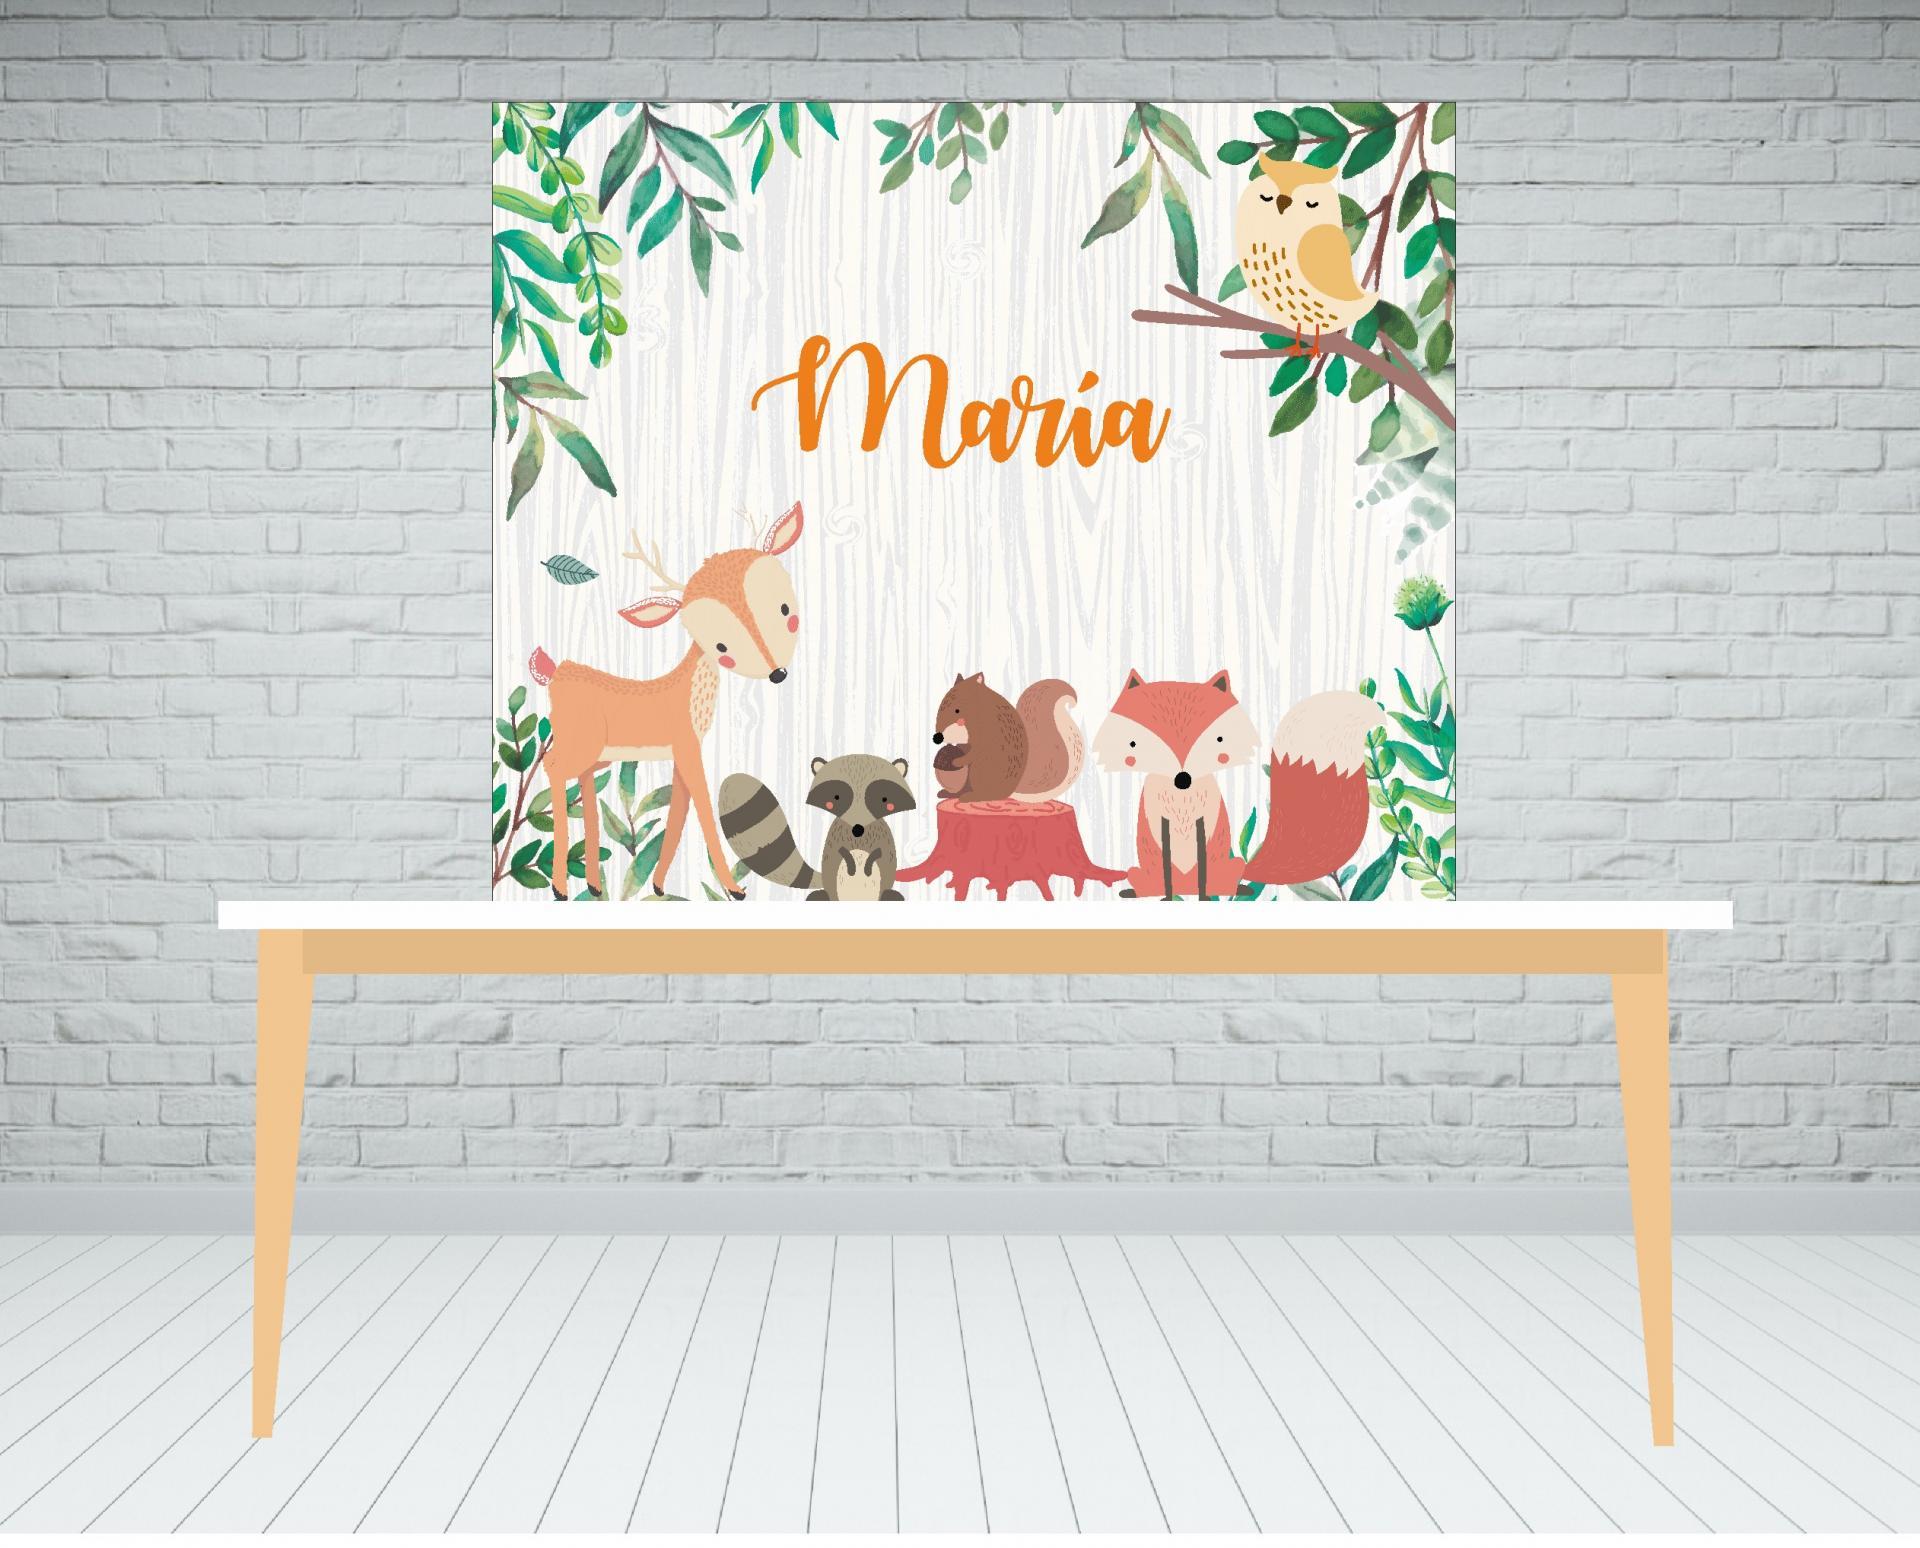 fondo-de-mesa-dulce-animales-del-bosque